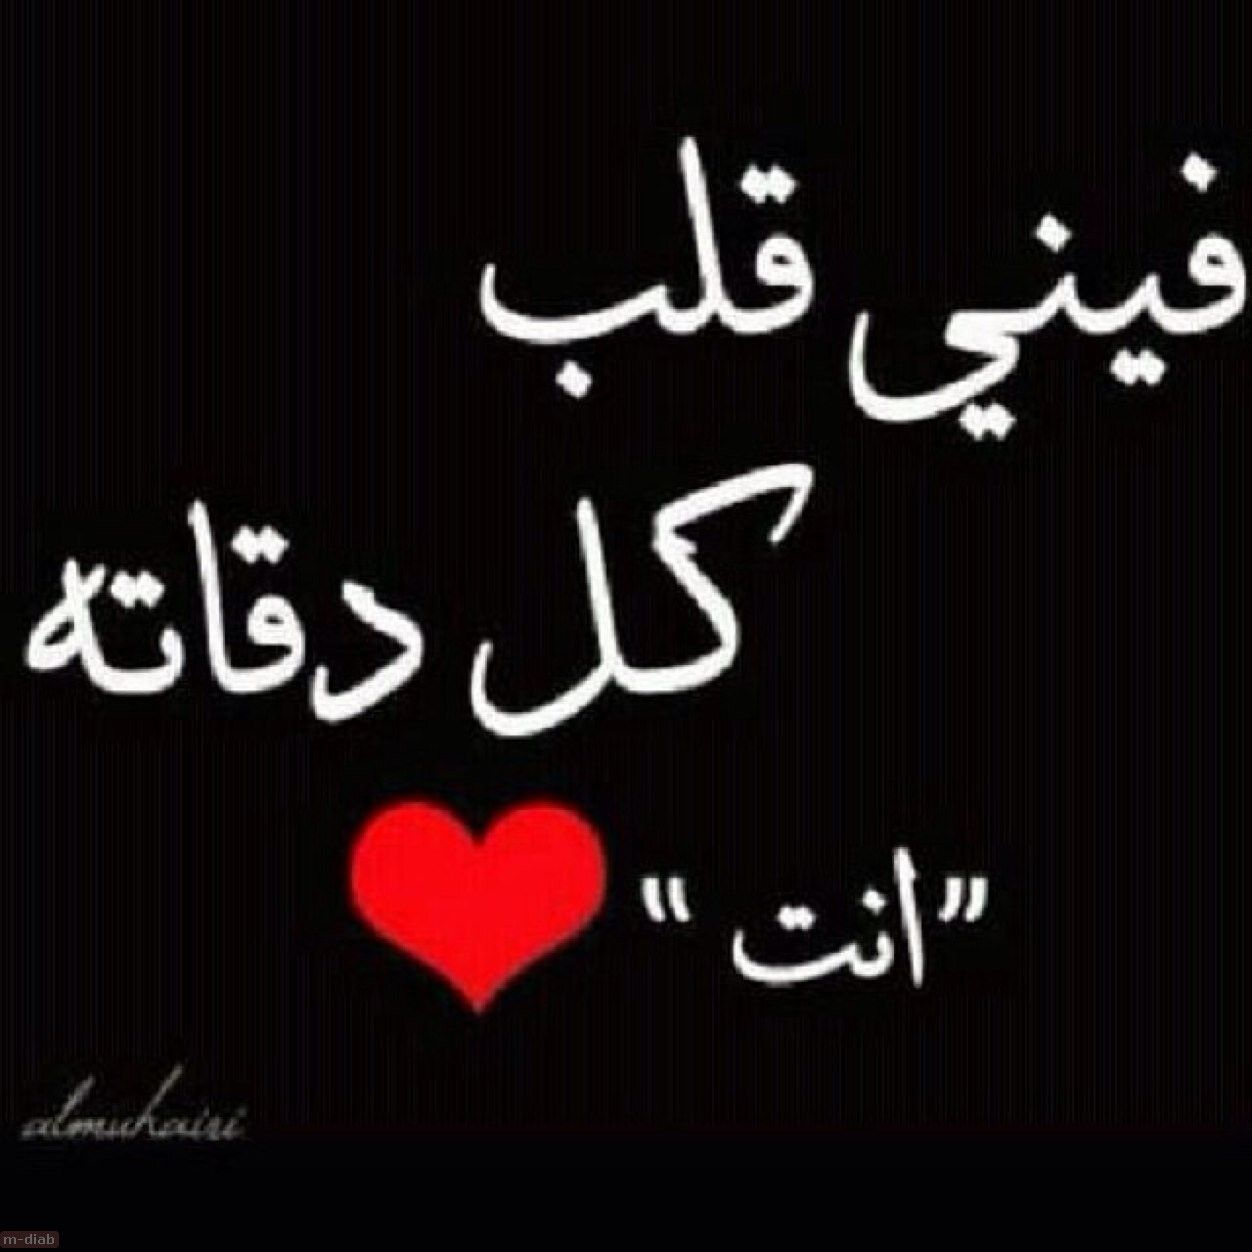 صور رومانسية لأكثر مواقف الحب والوفاء بين العشاق مع عبارات حب جميلة Arabic Calligraphy Calligraphy Pics